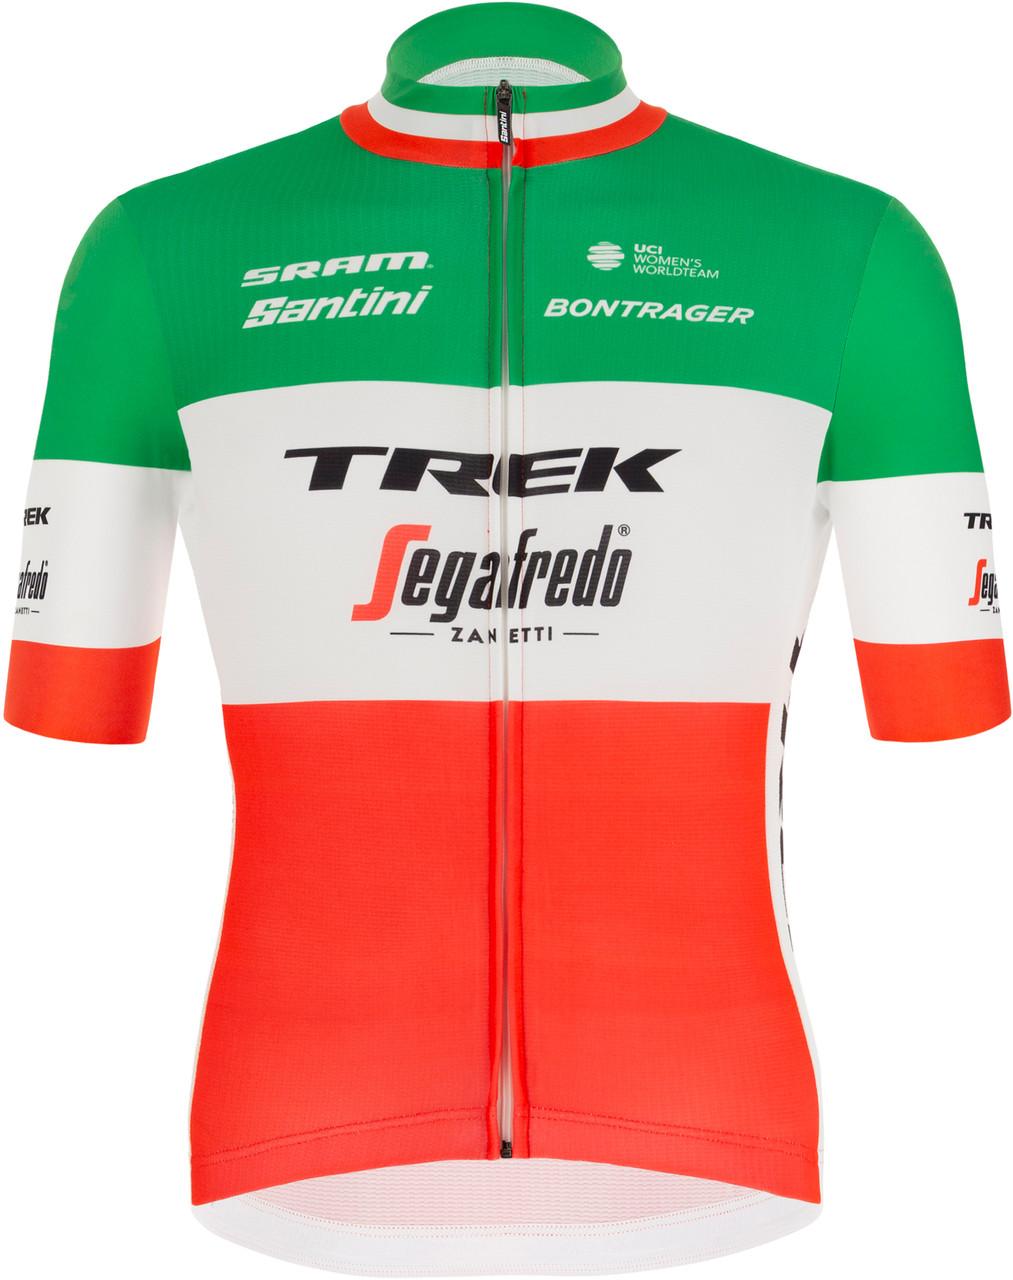 2021 Trek Segafredo Italian Champ Fan Jersey rear